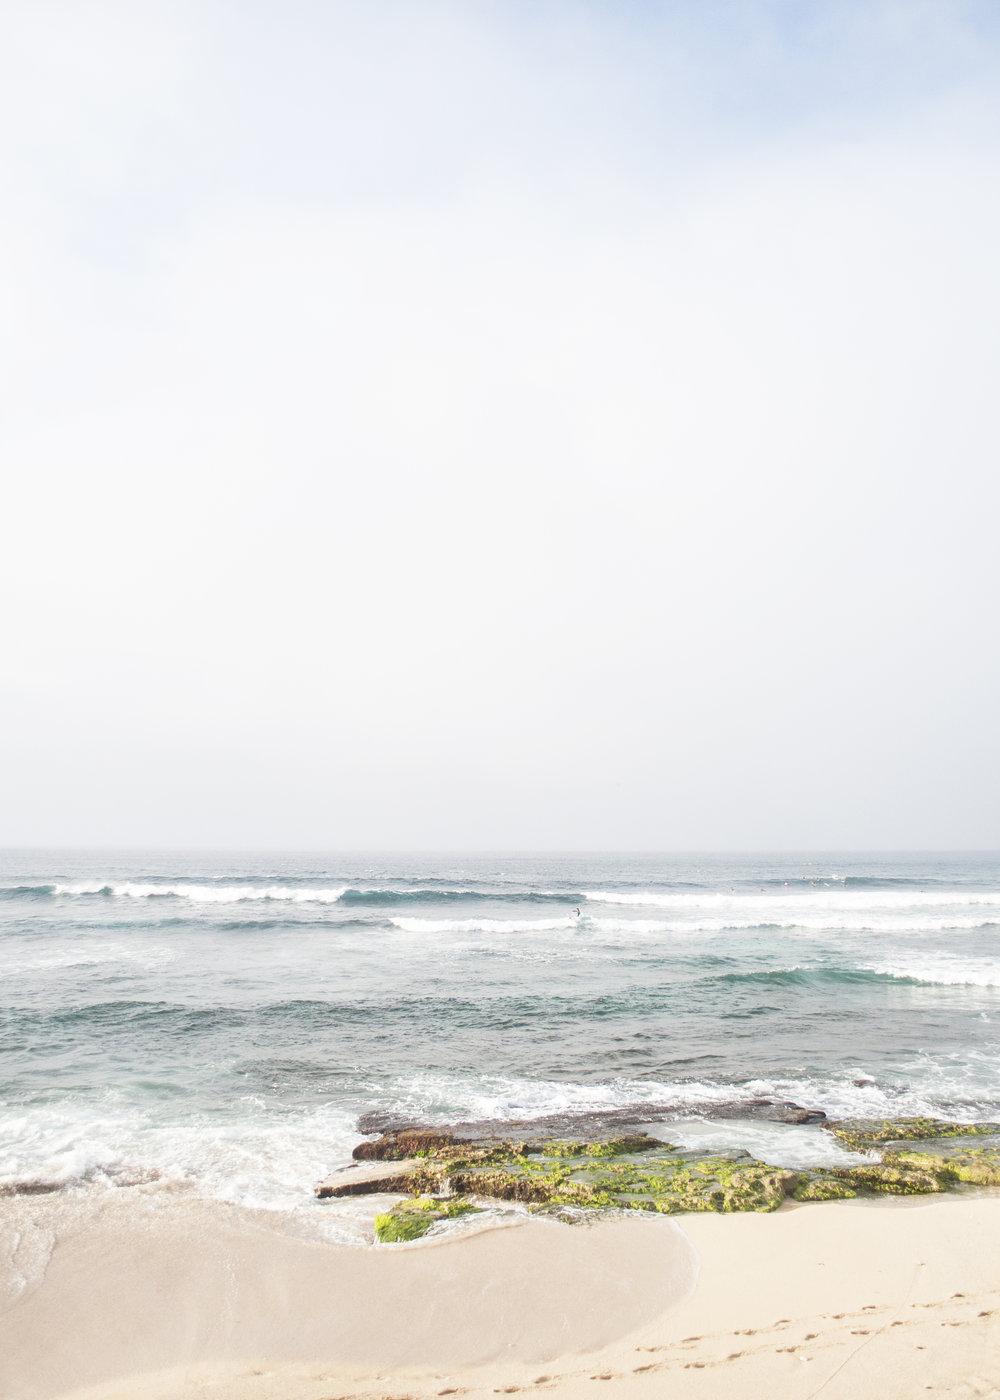 hawaii wanderlust beach getaway